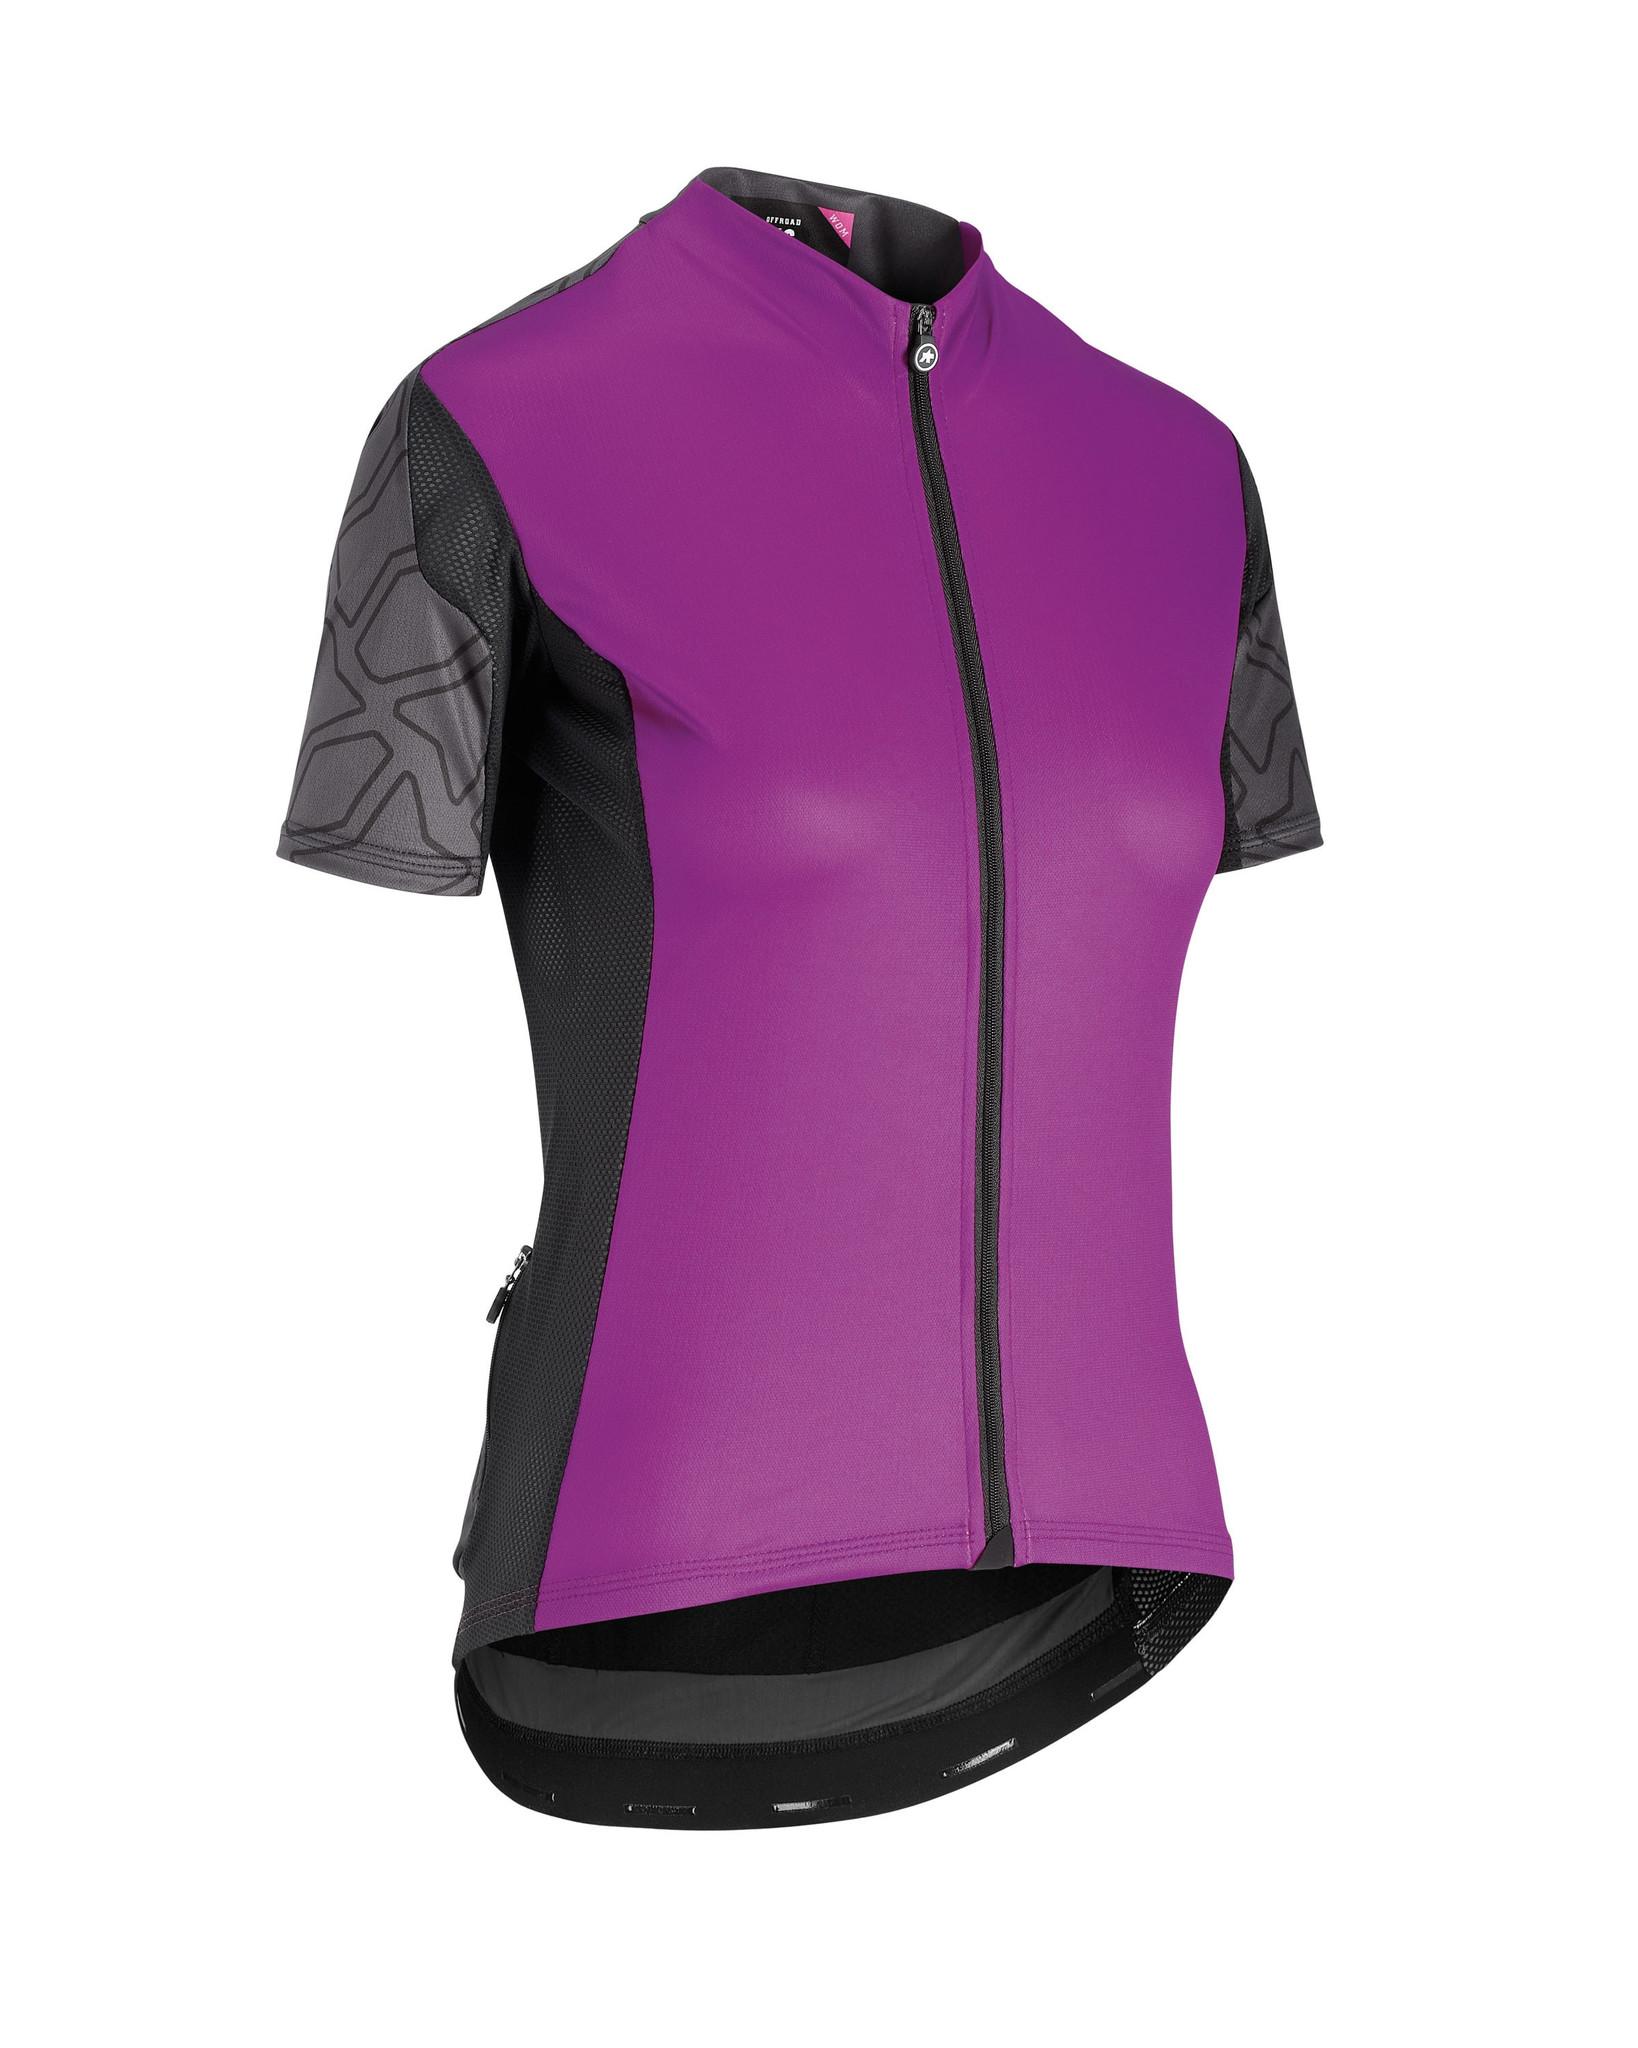 Assos Assos XC Shortsleeve jersey woman MTB Shirt Paars